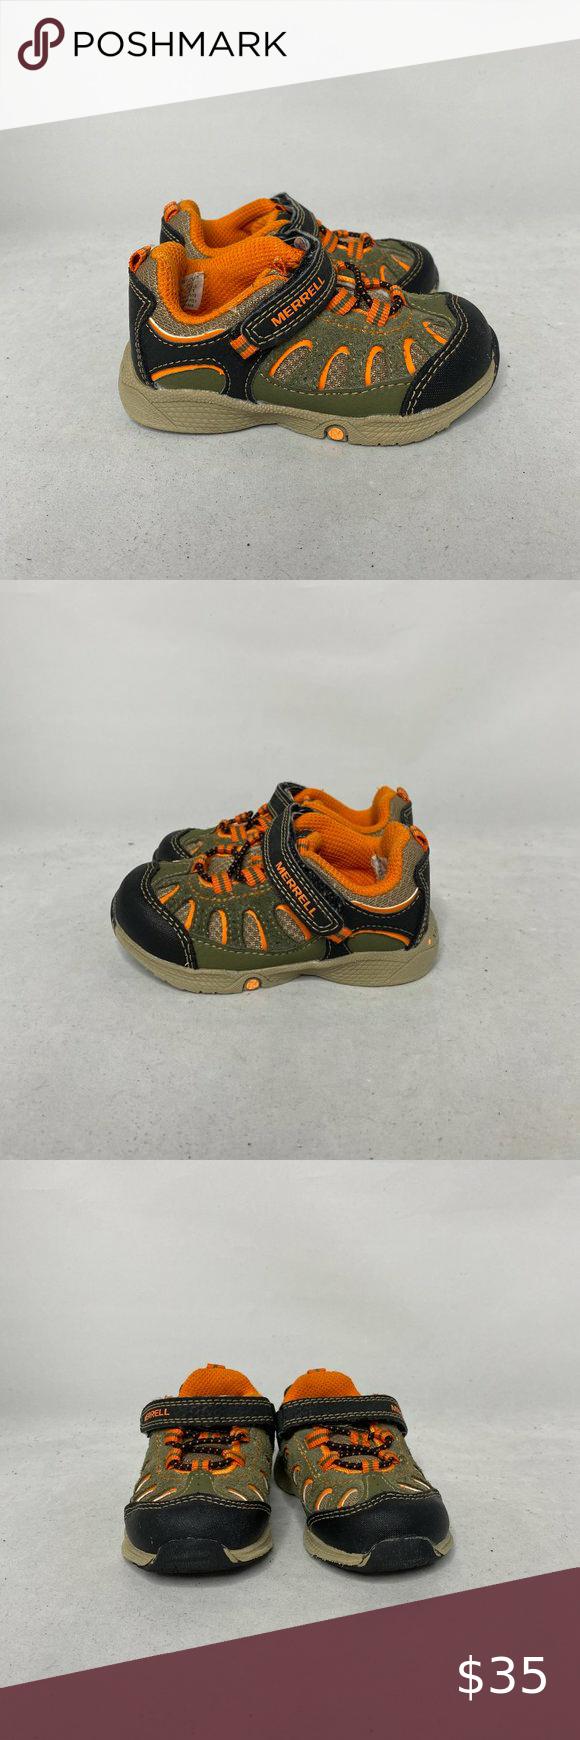 Merrell Boys Chameleon Gray Orange Hiking Shoes